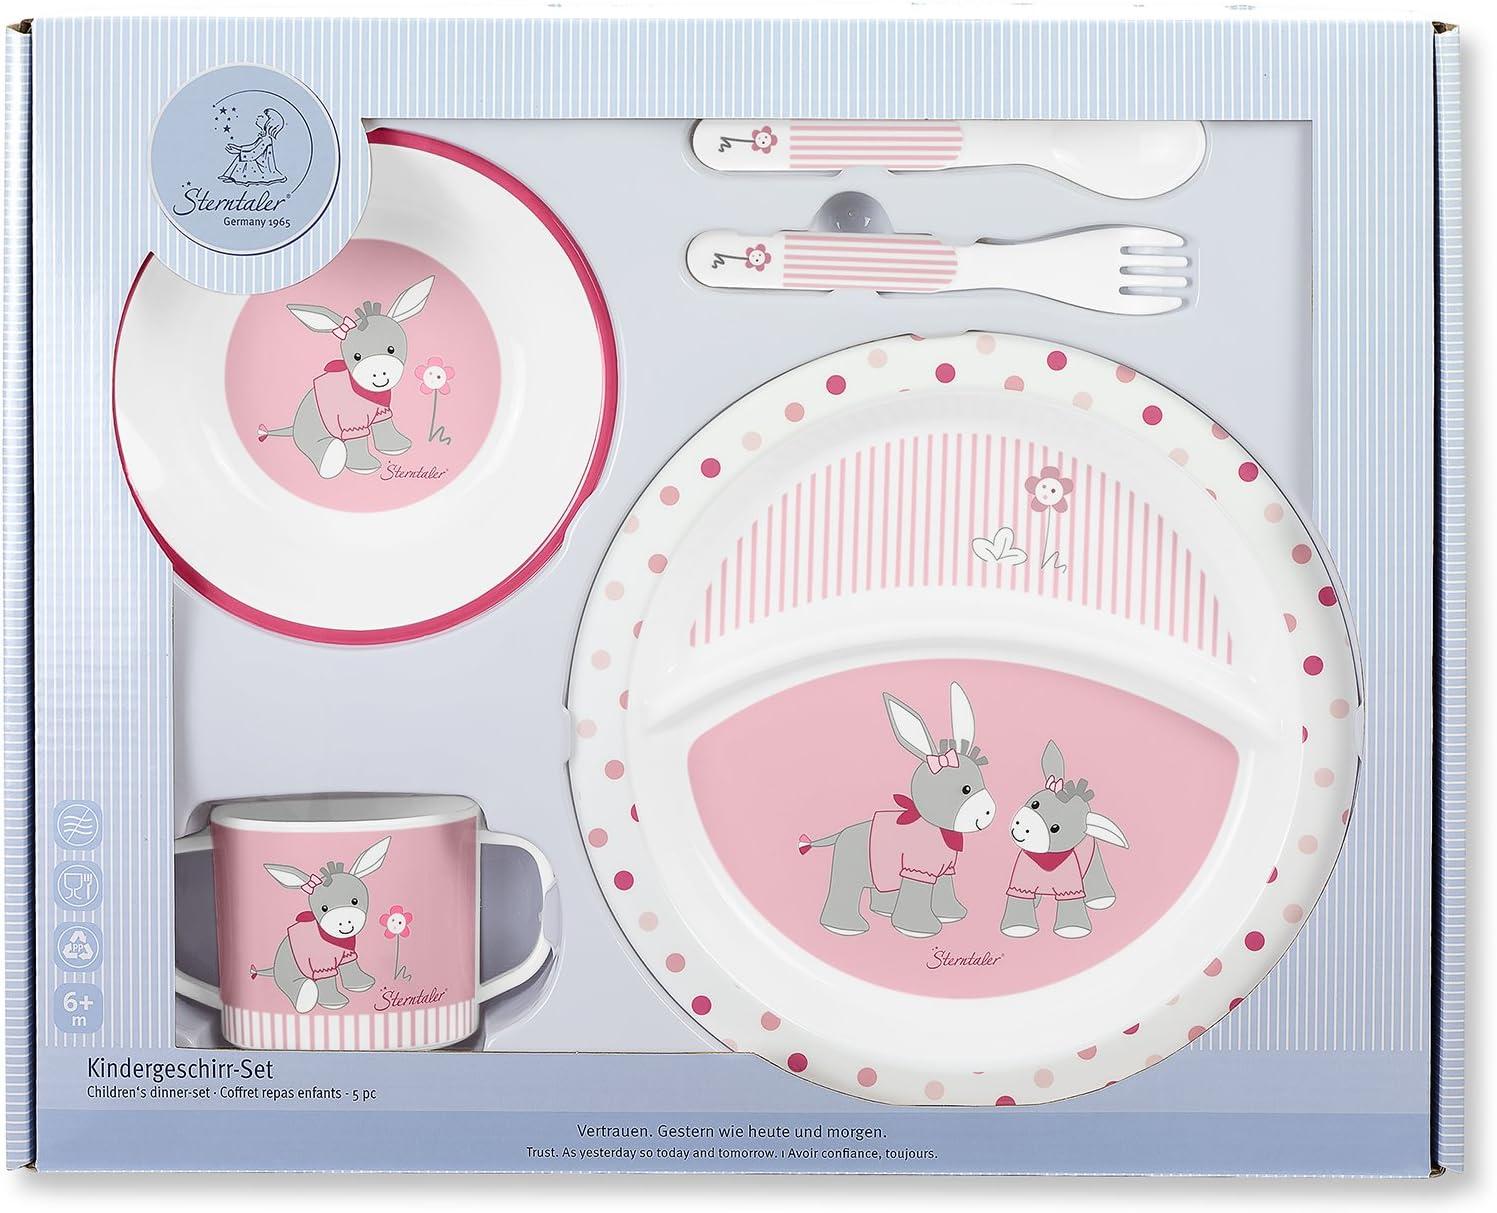 Assiette Sterntaler Set de vaisselle Katharina bol fourchette Rose Tasse cuill/ère /Âge: Pour les b/éb/és /à partir de 6 mois